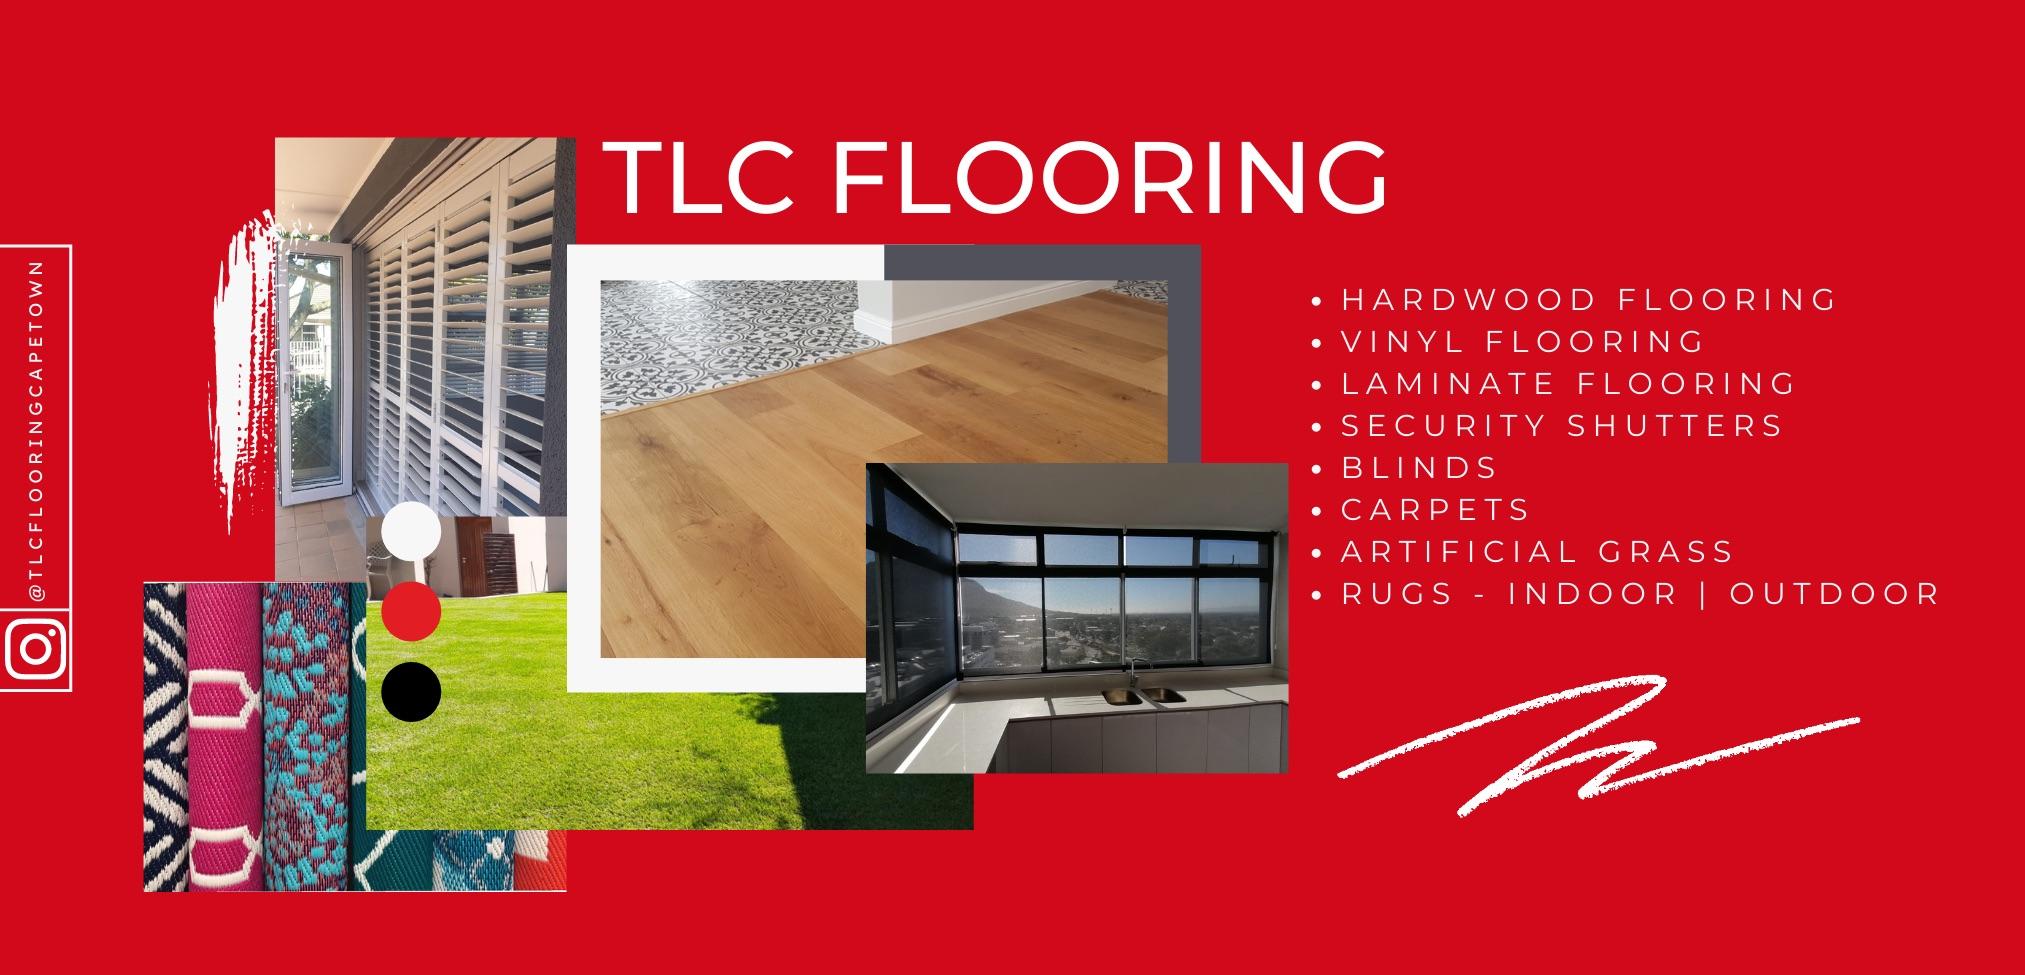 tlc flooring